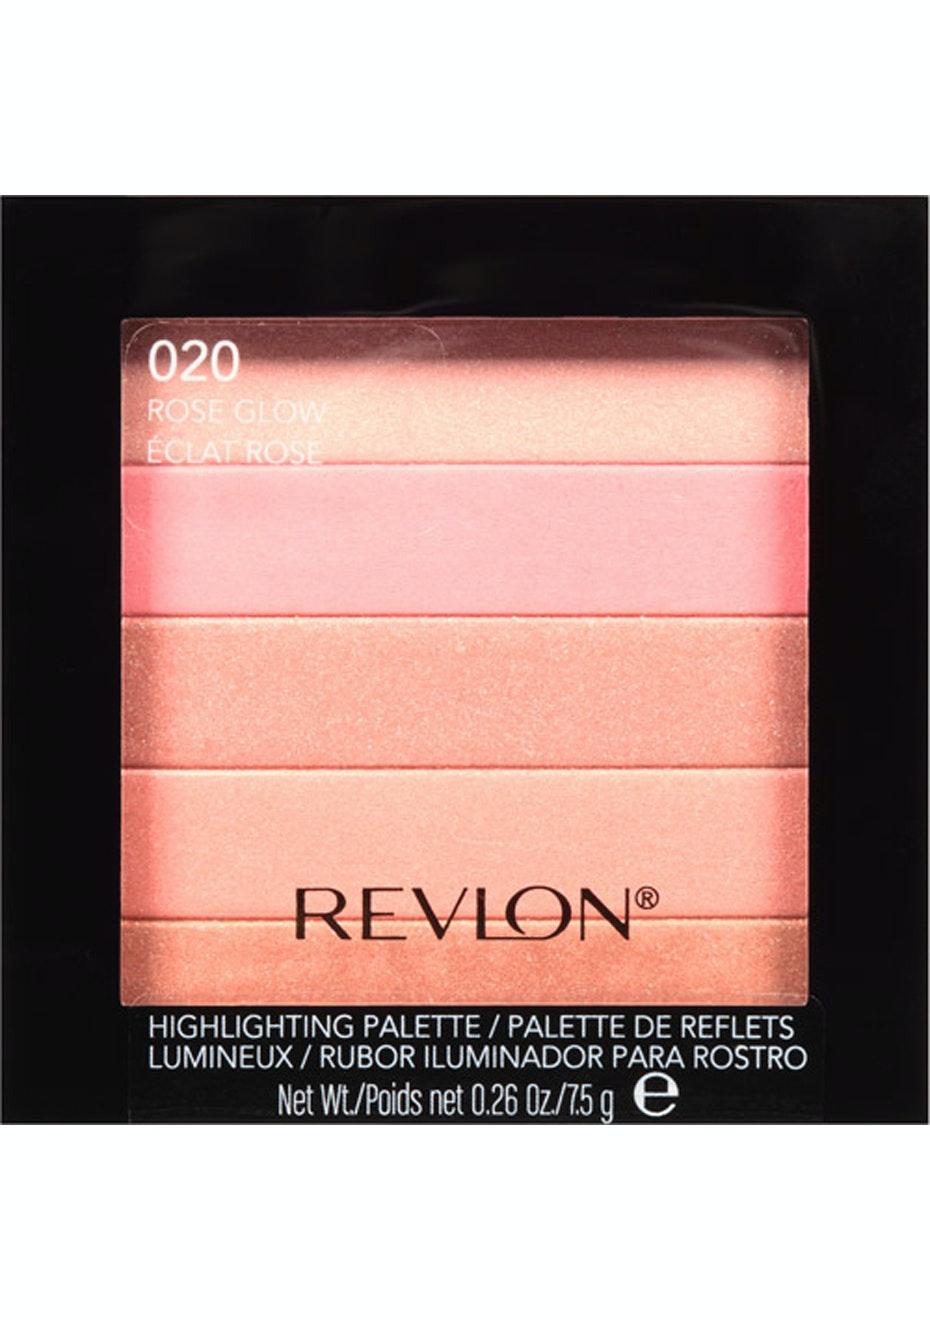 Revlon Highlighting Palette 020 Rose Glow